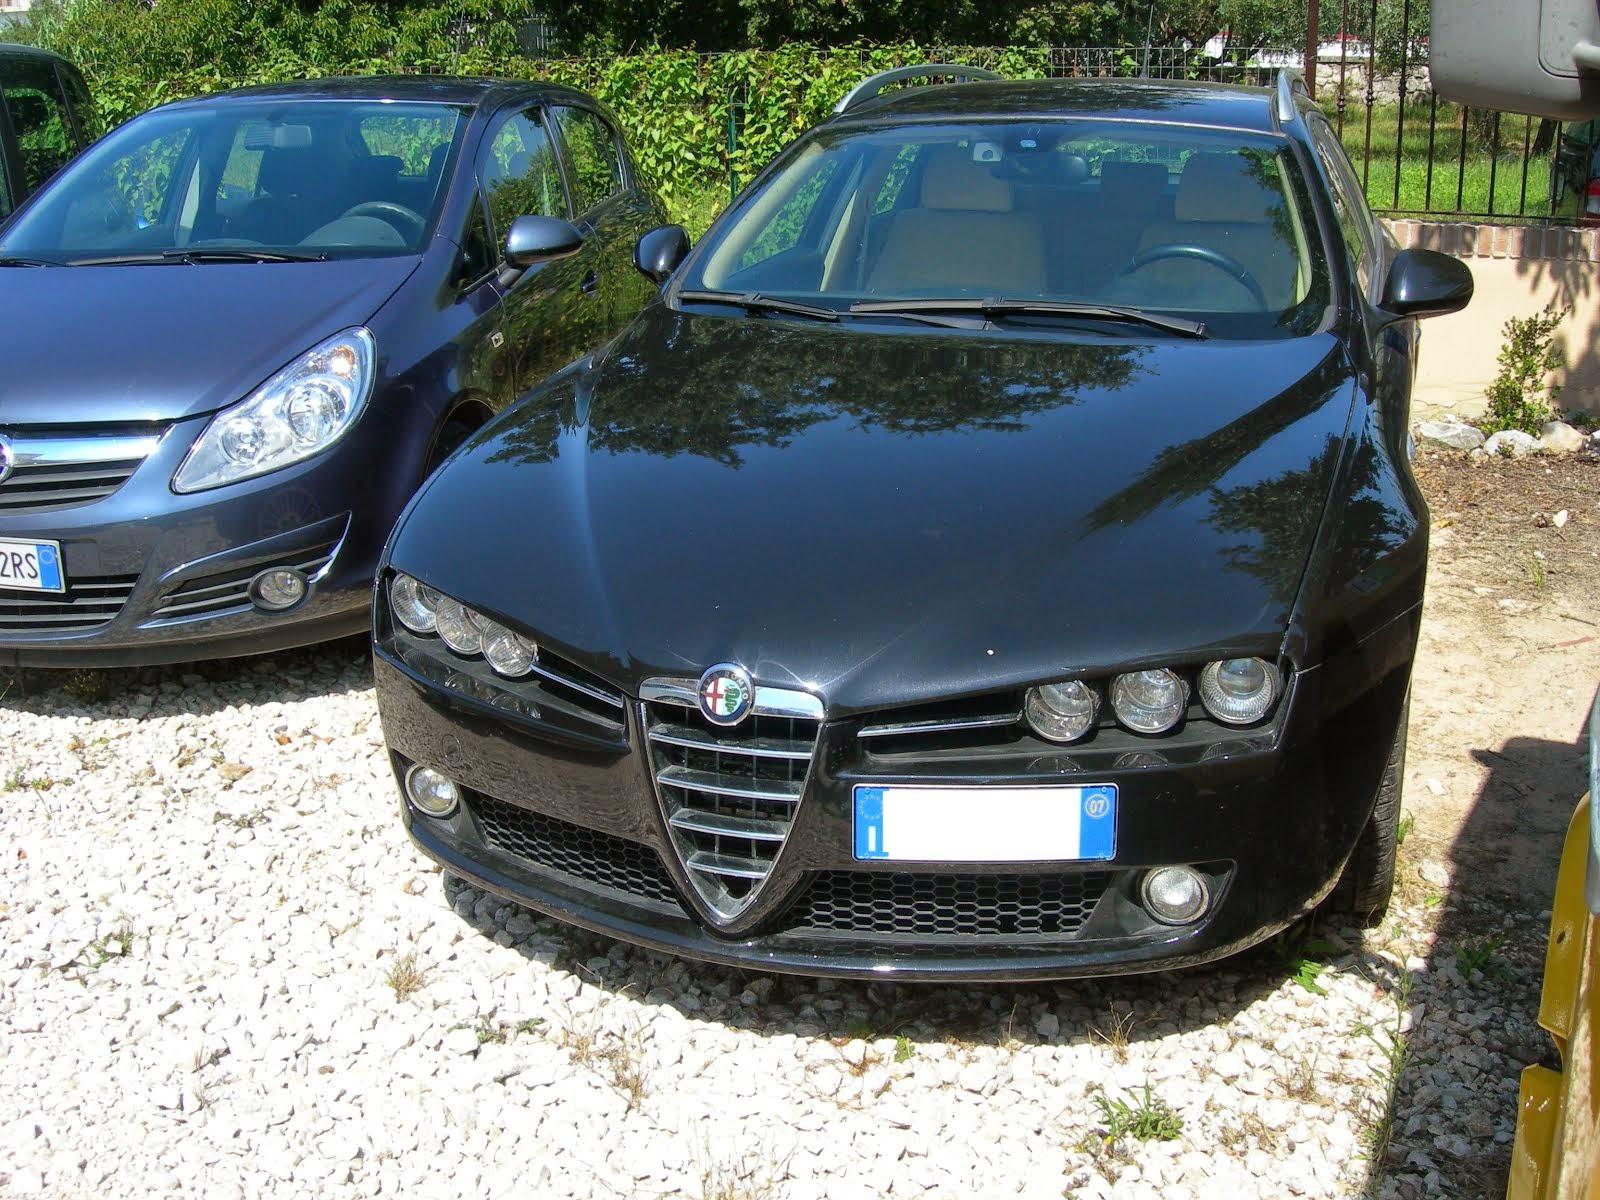 Alfa Romeo 159 1.9 150 CV progression sportwagon Con Navi 2007 Contattare x prezzo